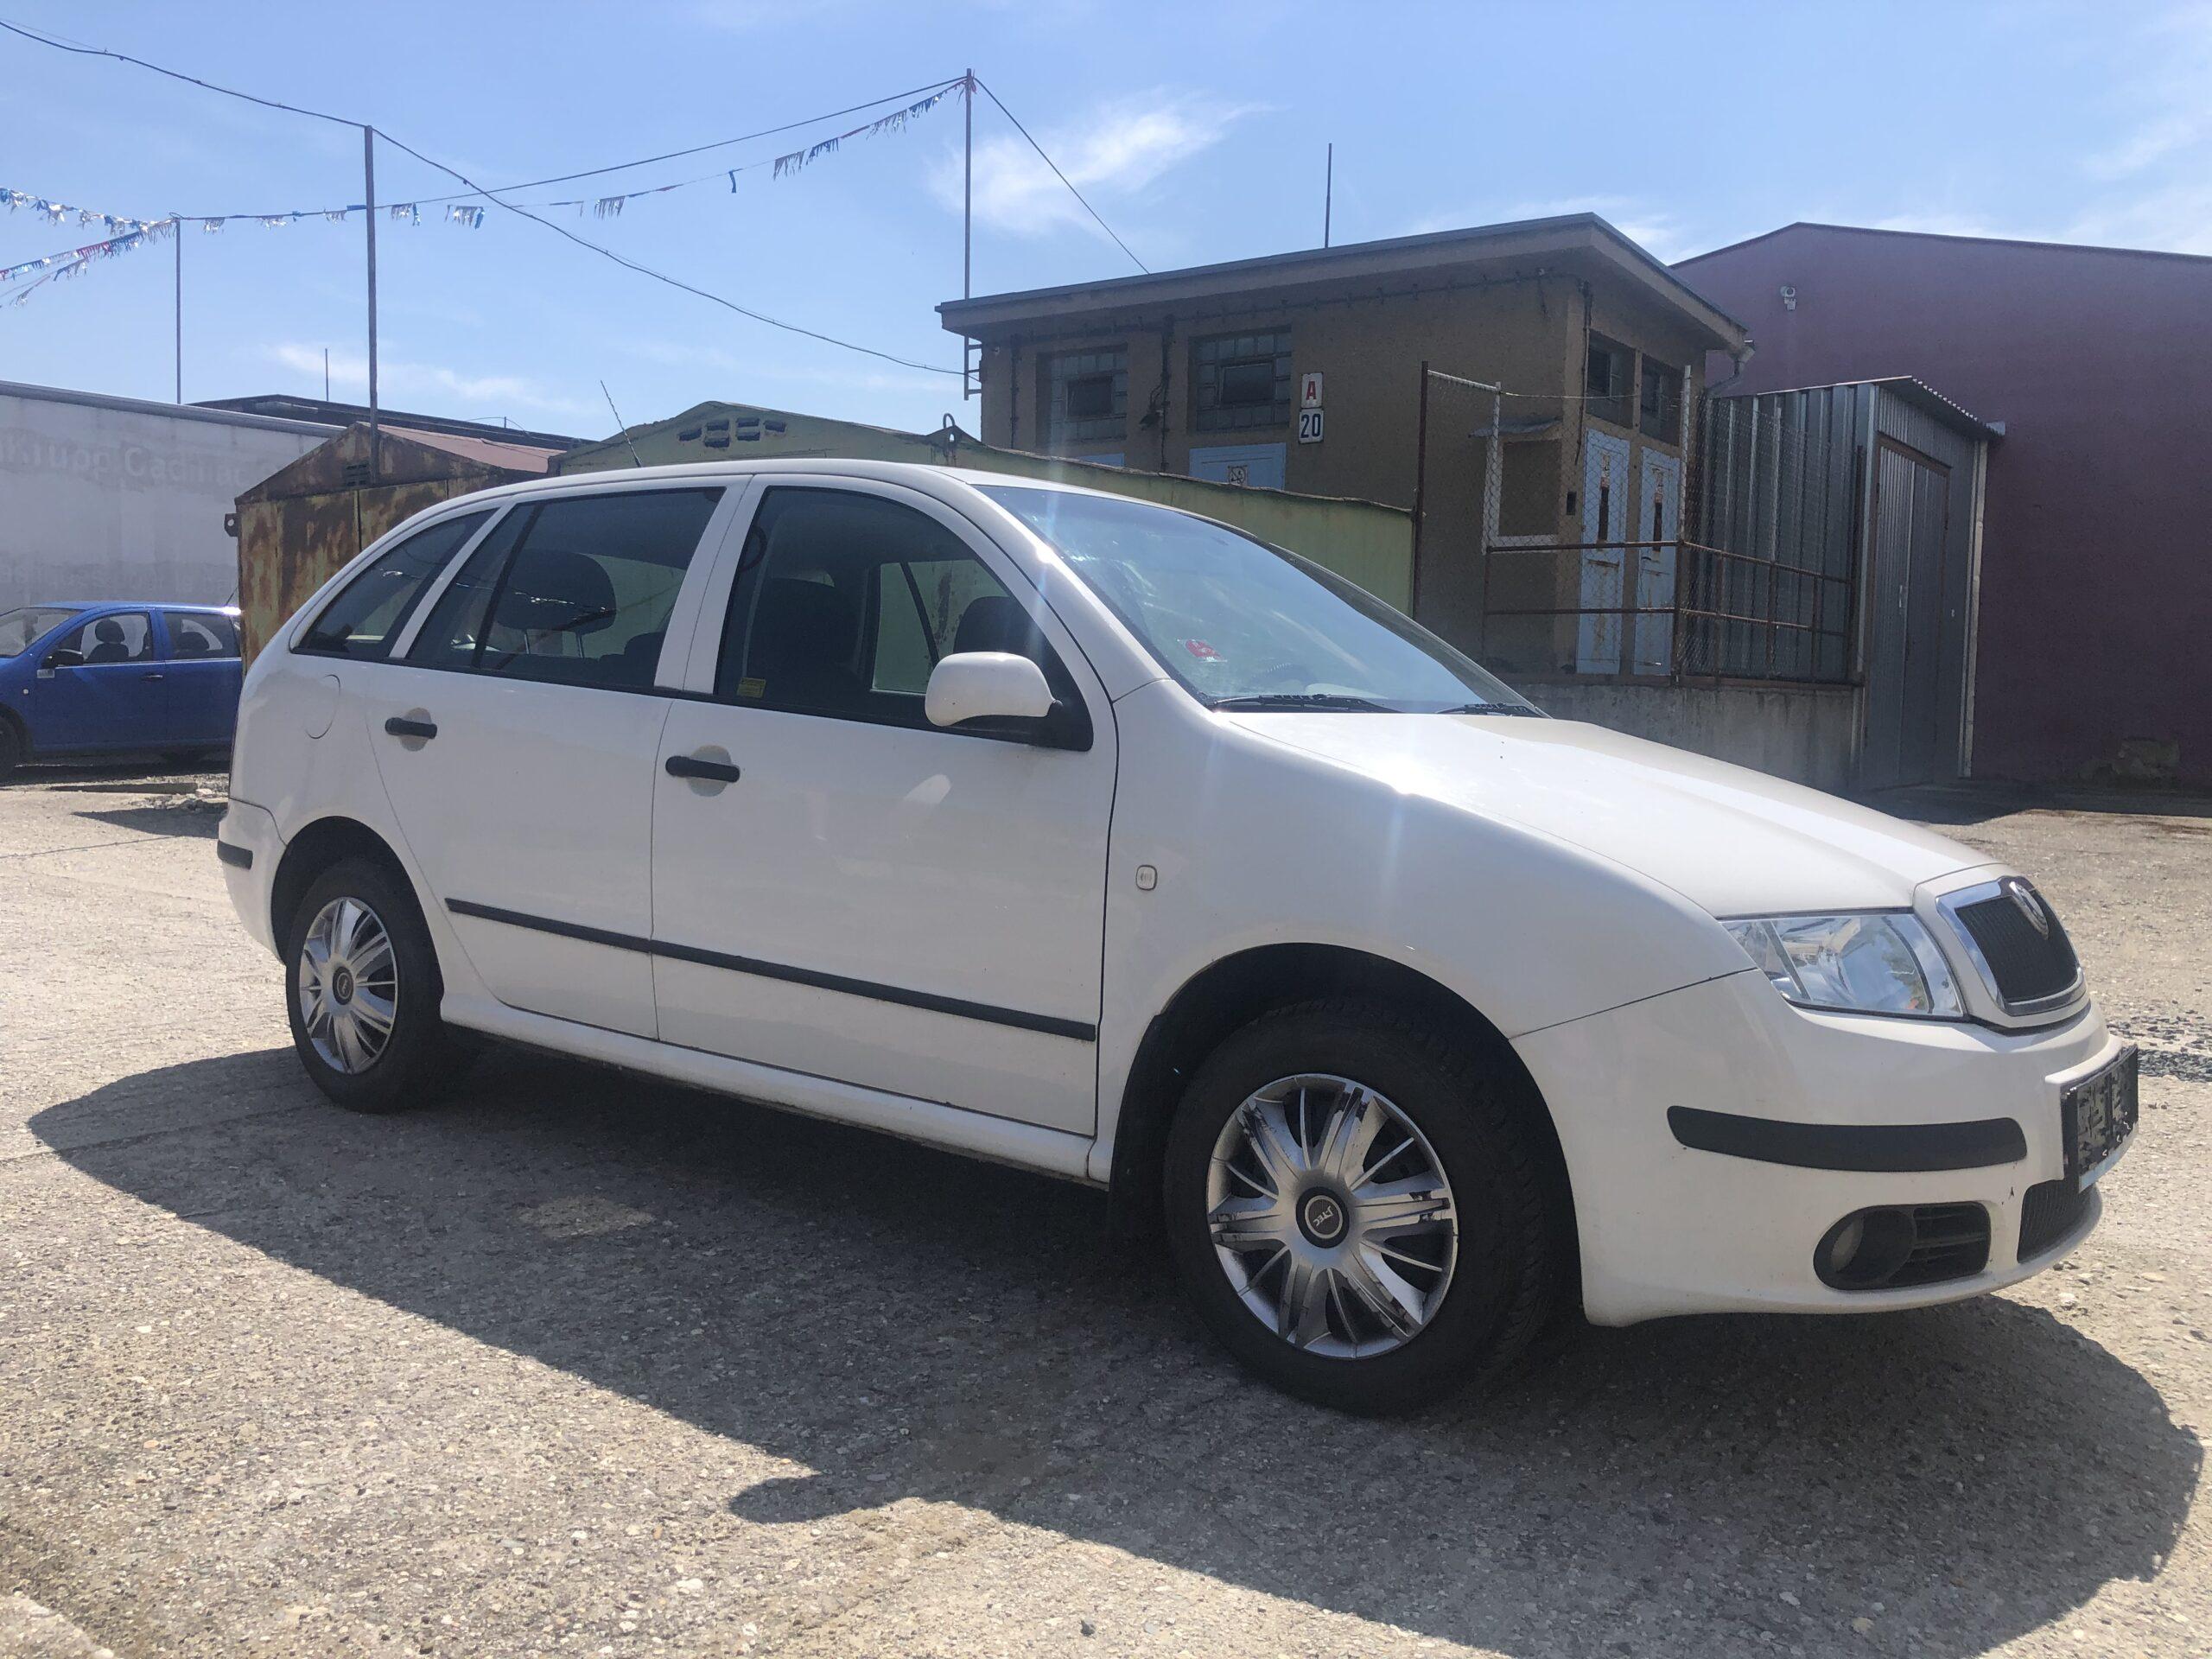 Škoda Fabia 1.4 Tdi Klima el.okna 55kW